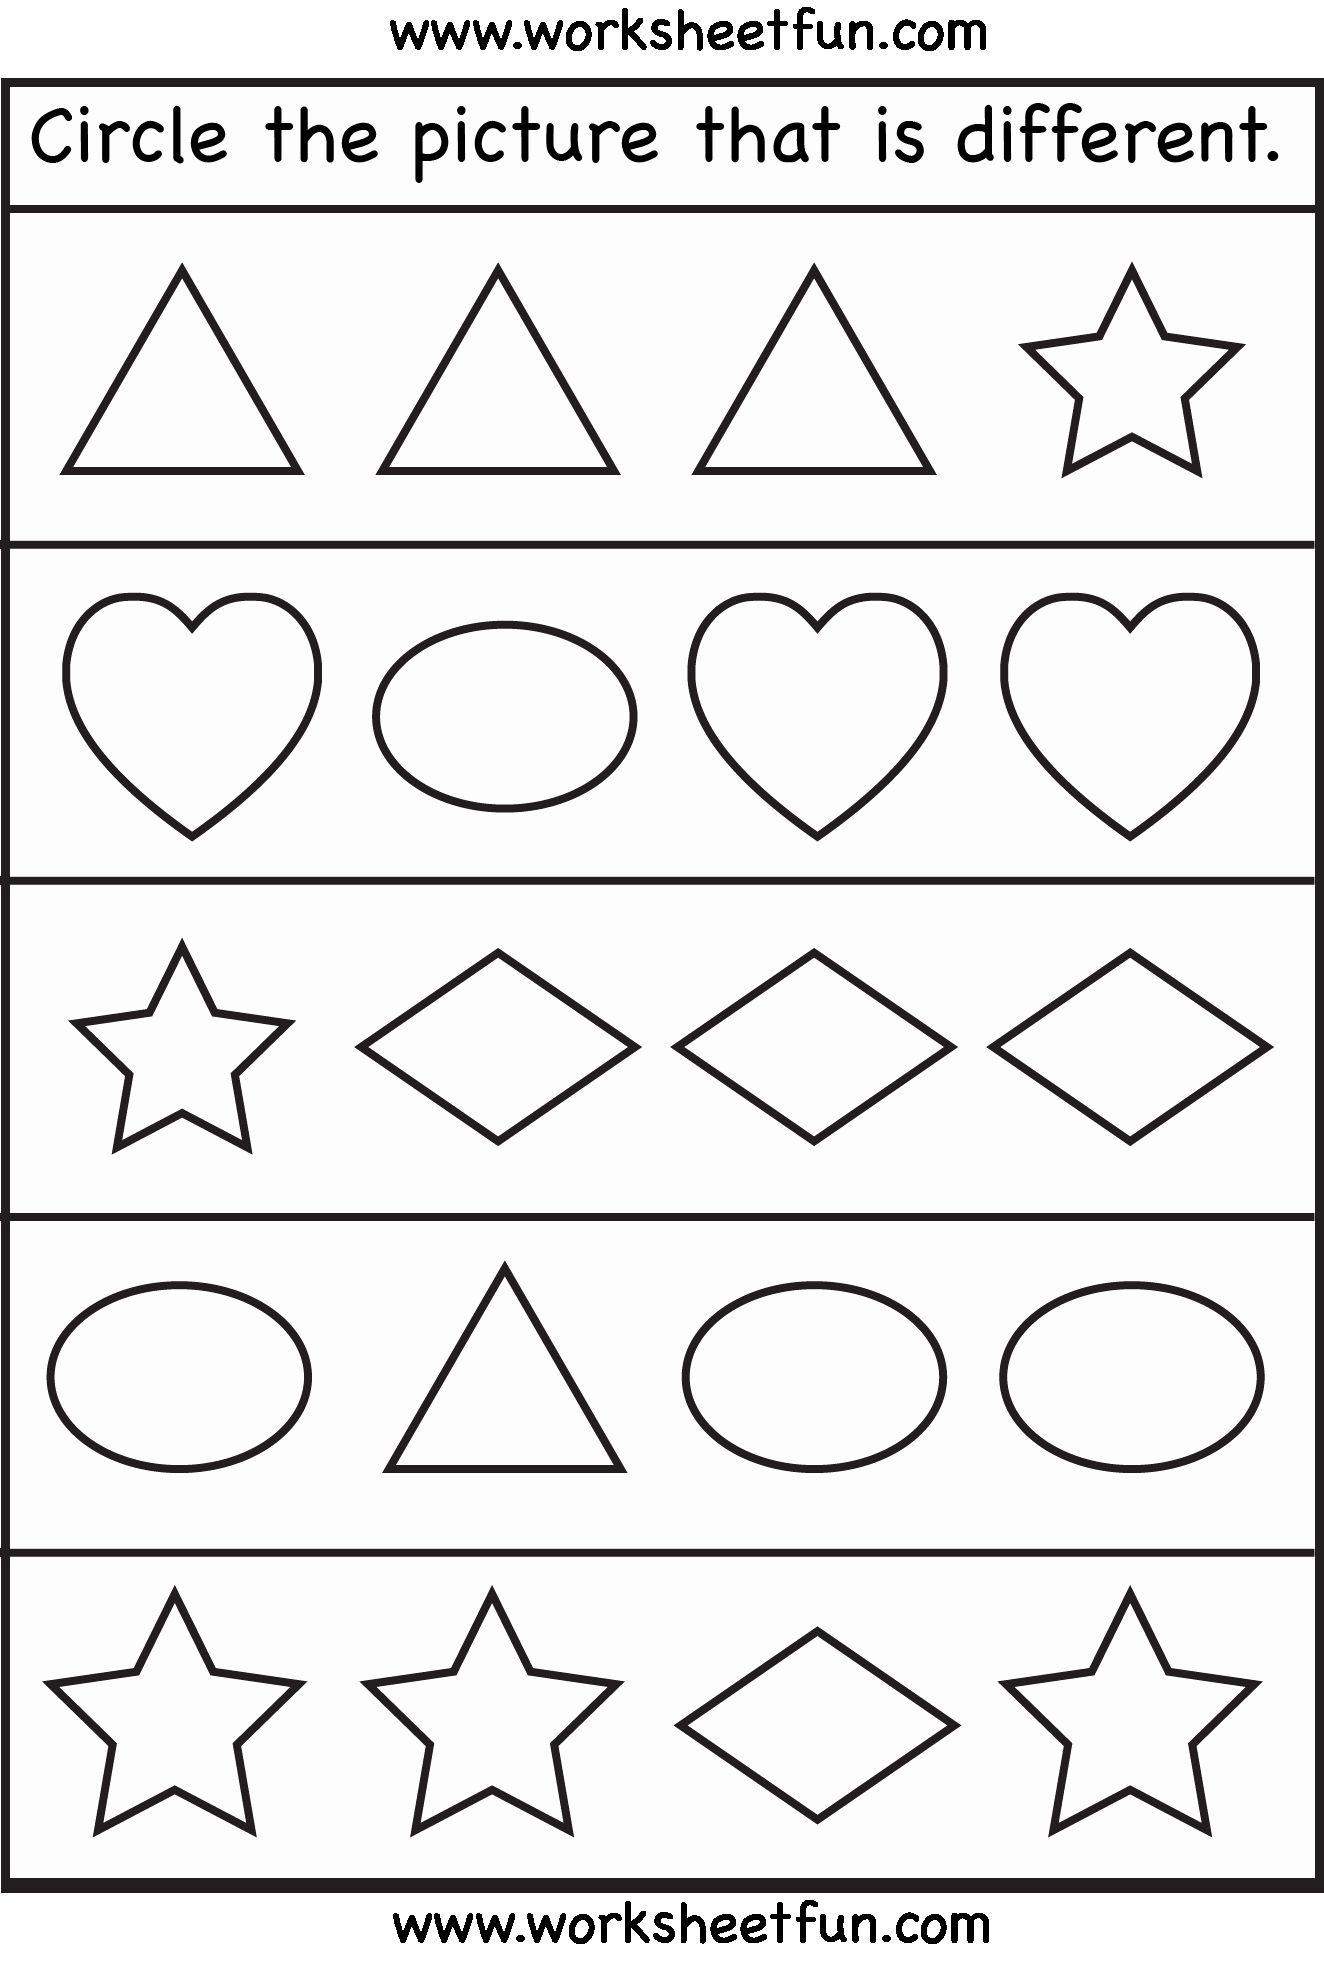 Free Preschool Worksheets In